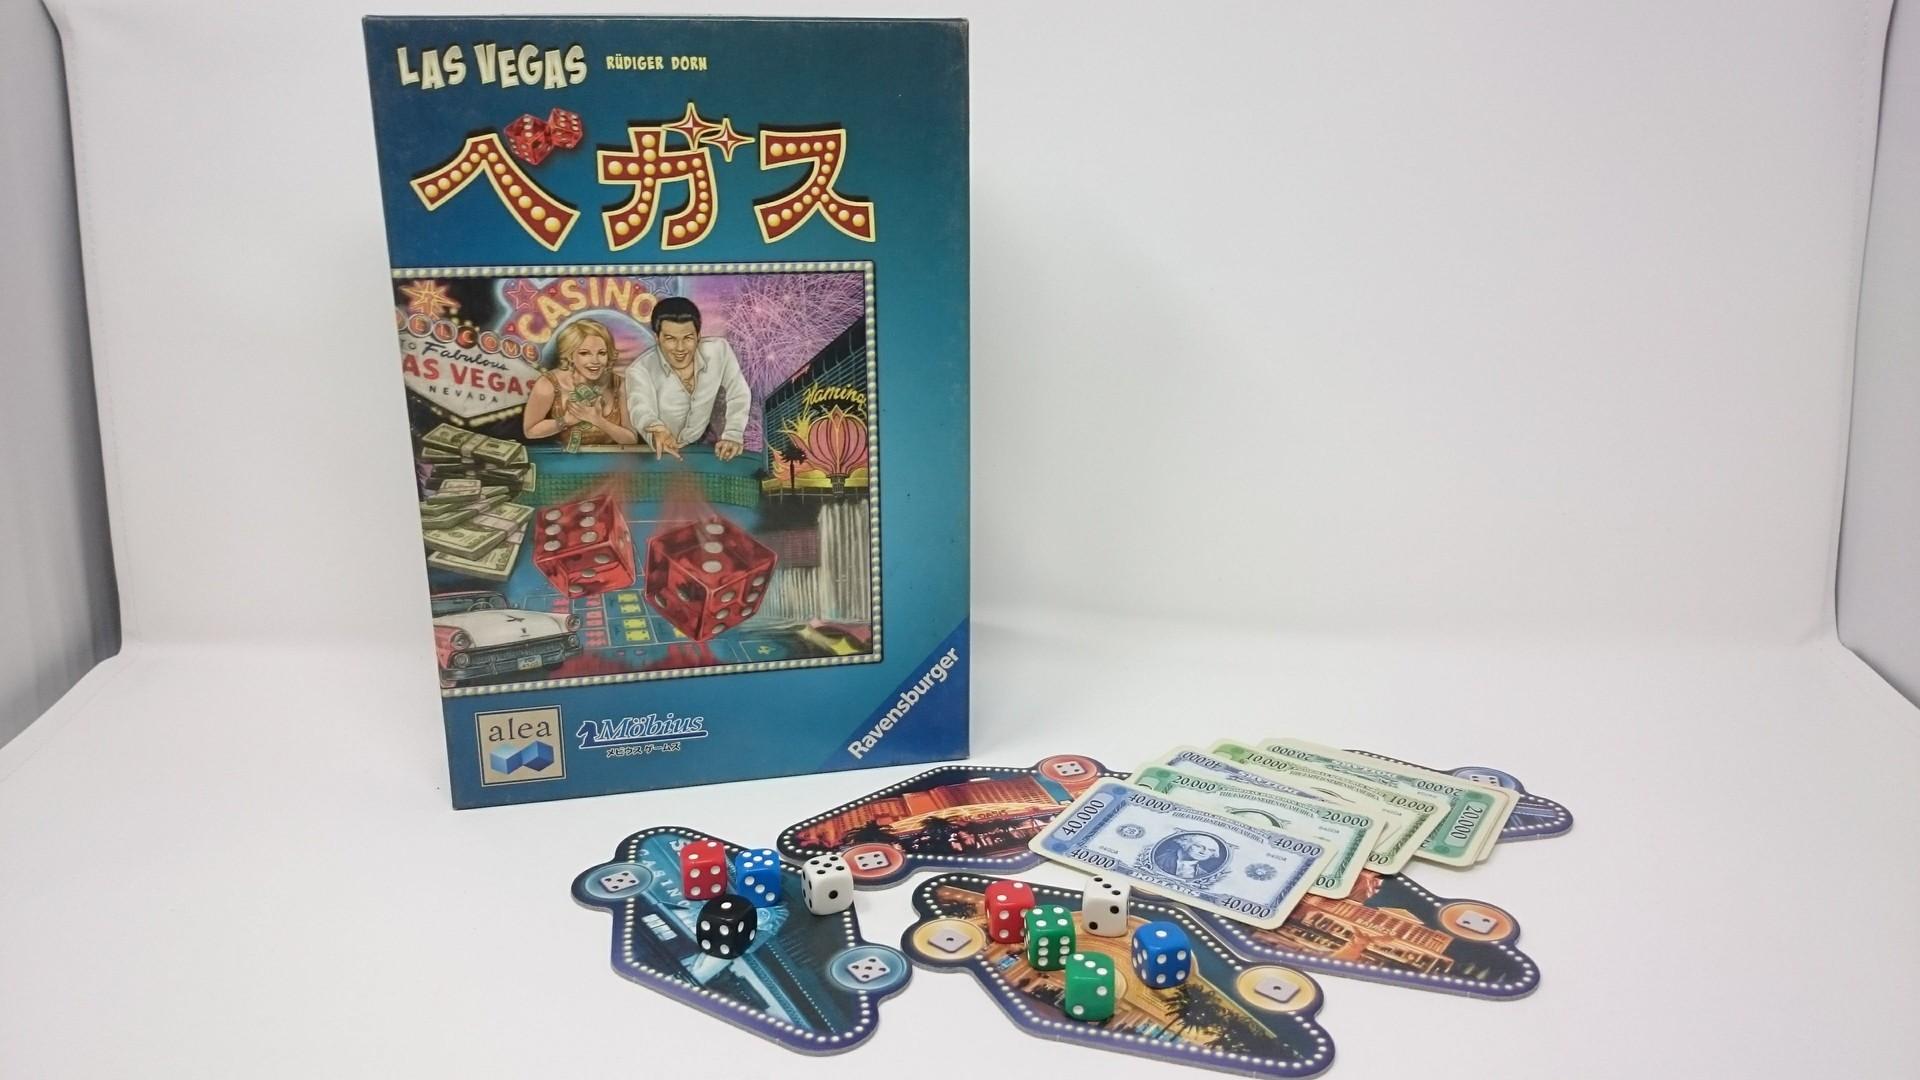 ベガス:Las Vegas